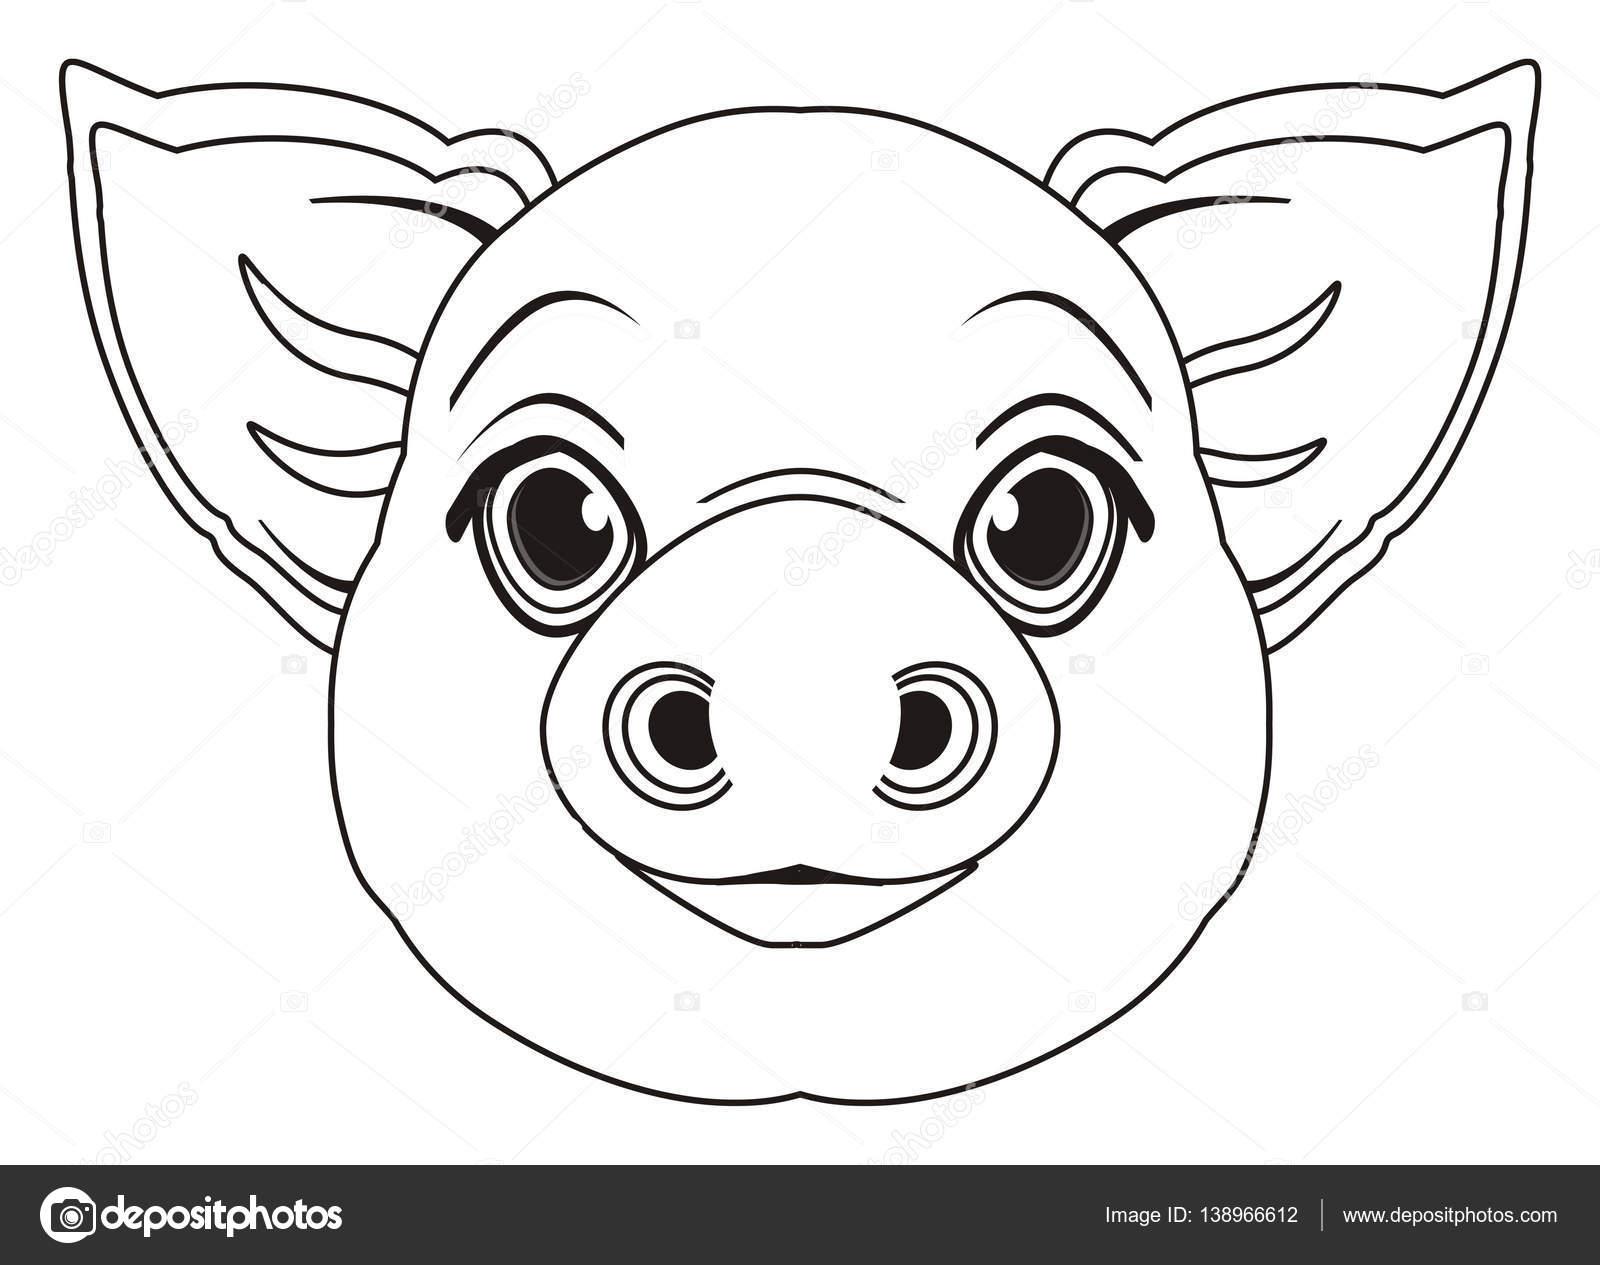 Malvorlagen Gesicht des Schweins — Stockfoto © tatty77tatty #138966612